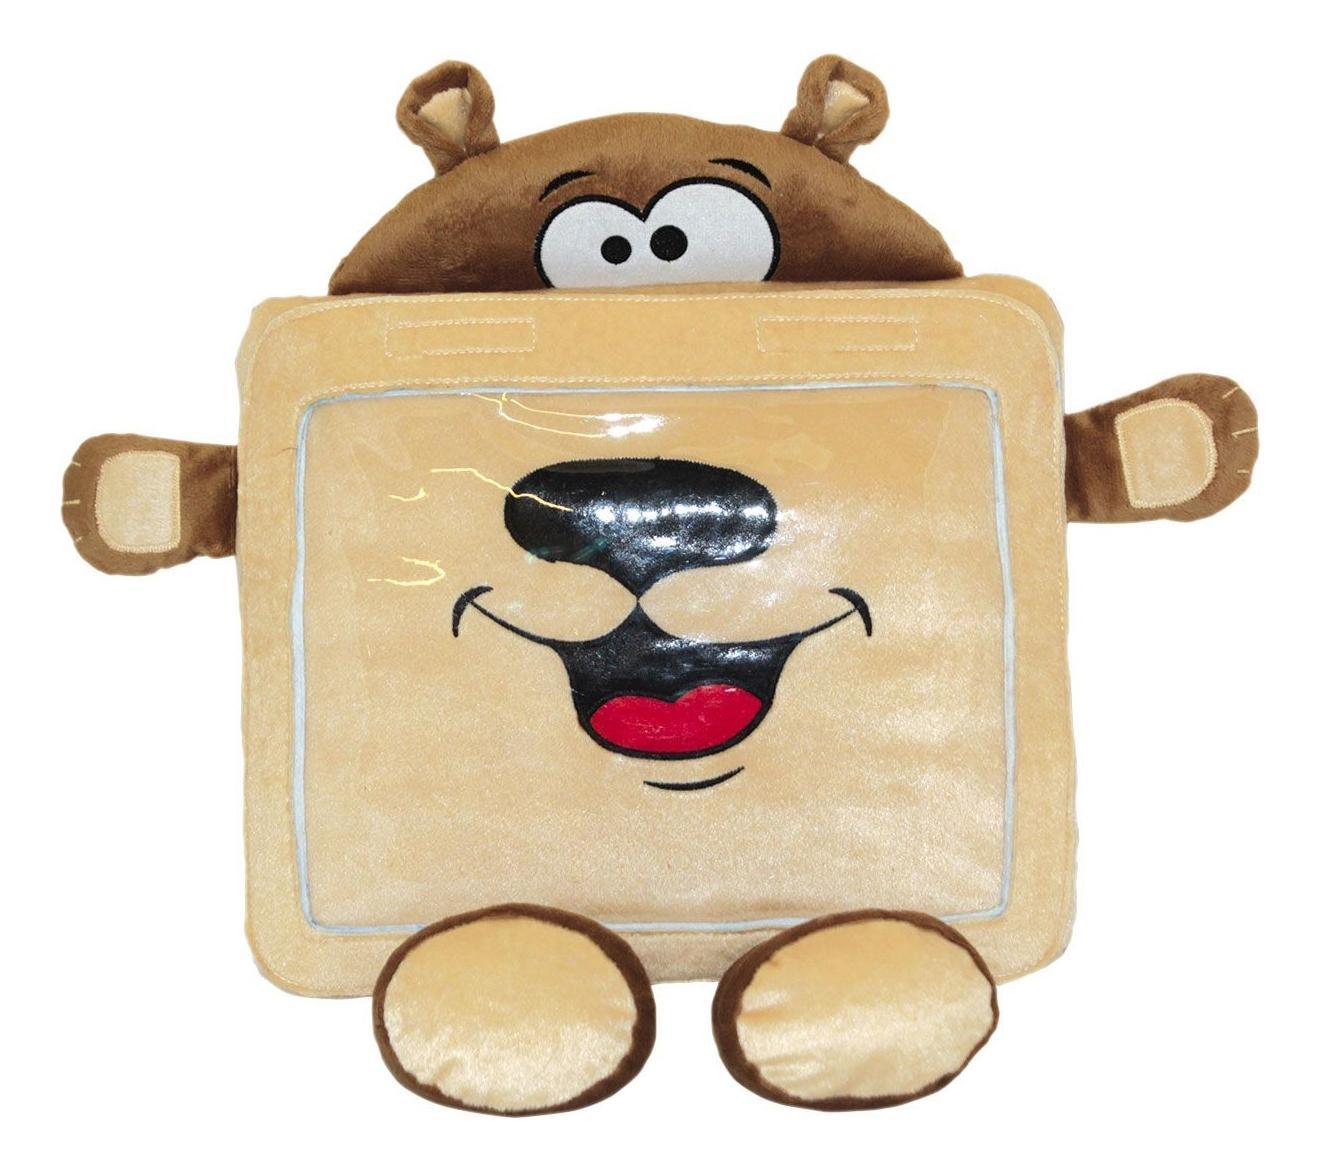 Купить Мягкая игрушка Gulliver Чехол-Игрушка Для Планшета Gulliver Мишка, Мягкие игрушки животные